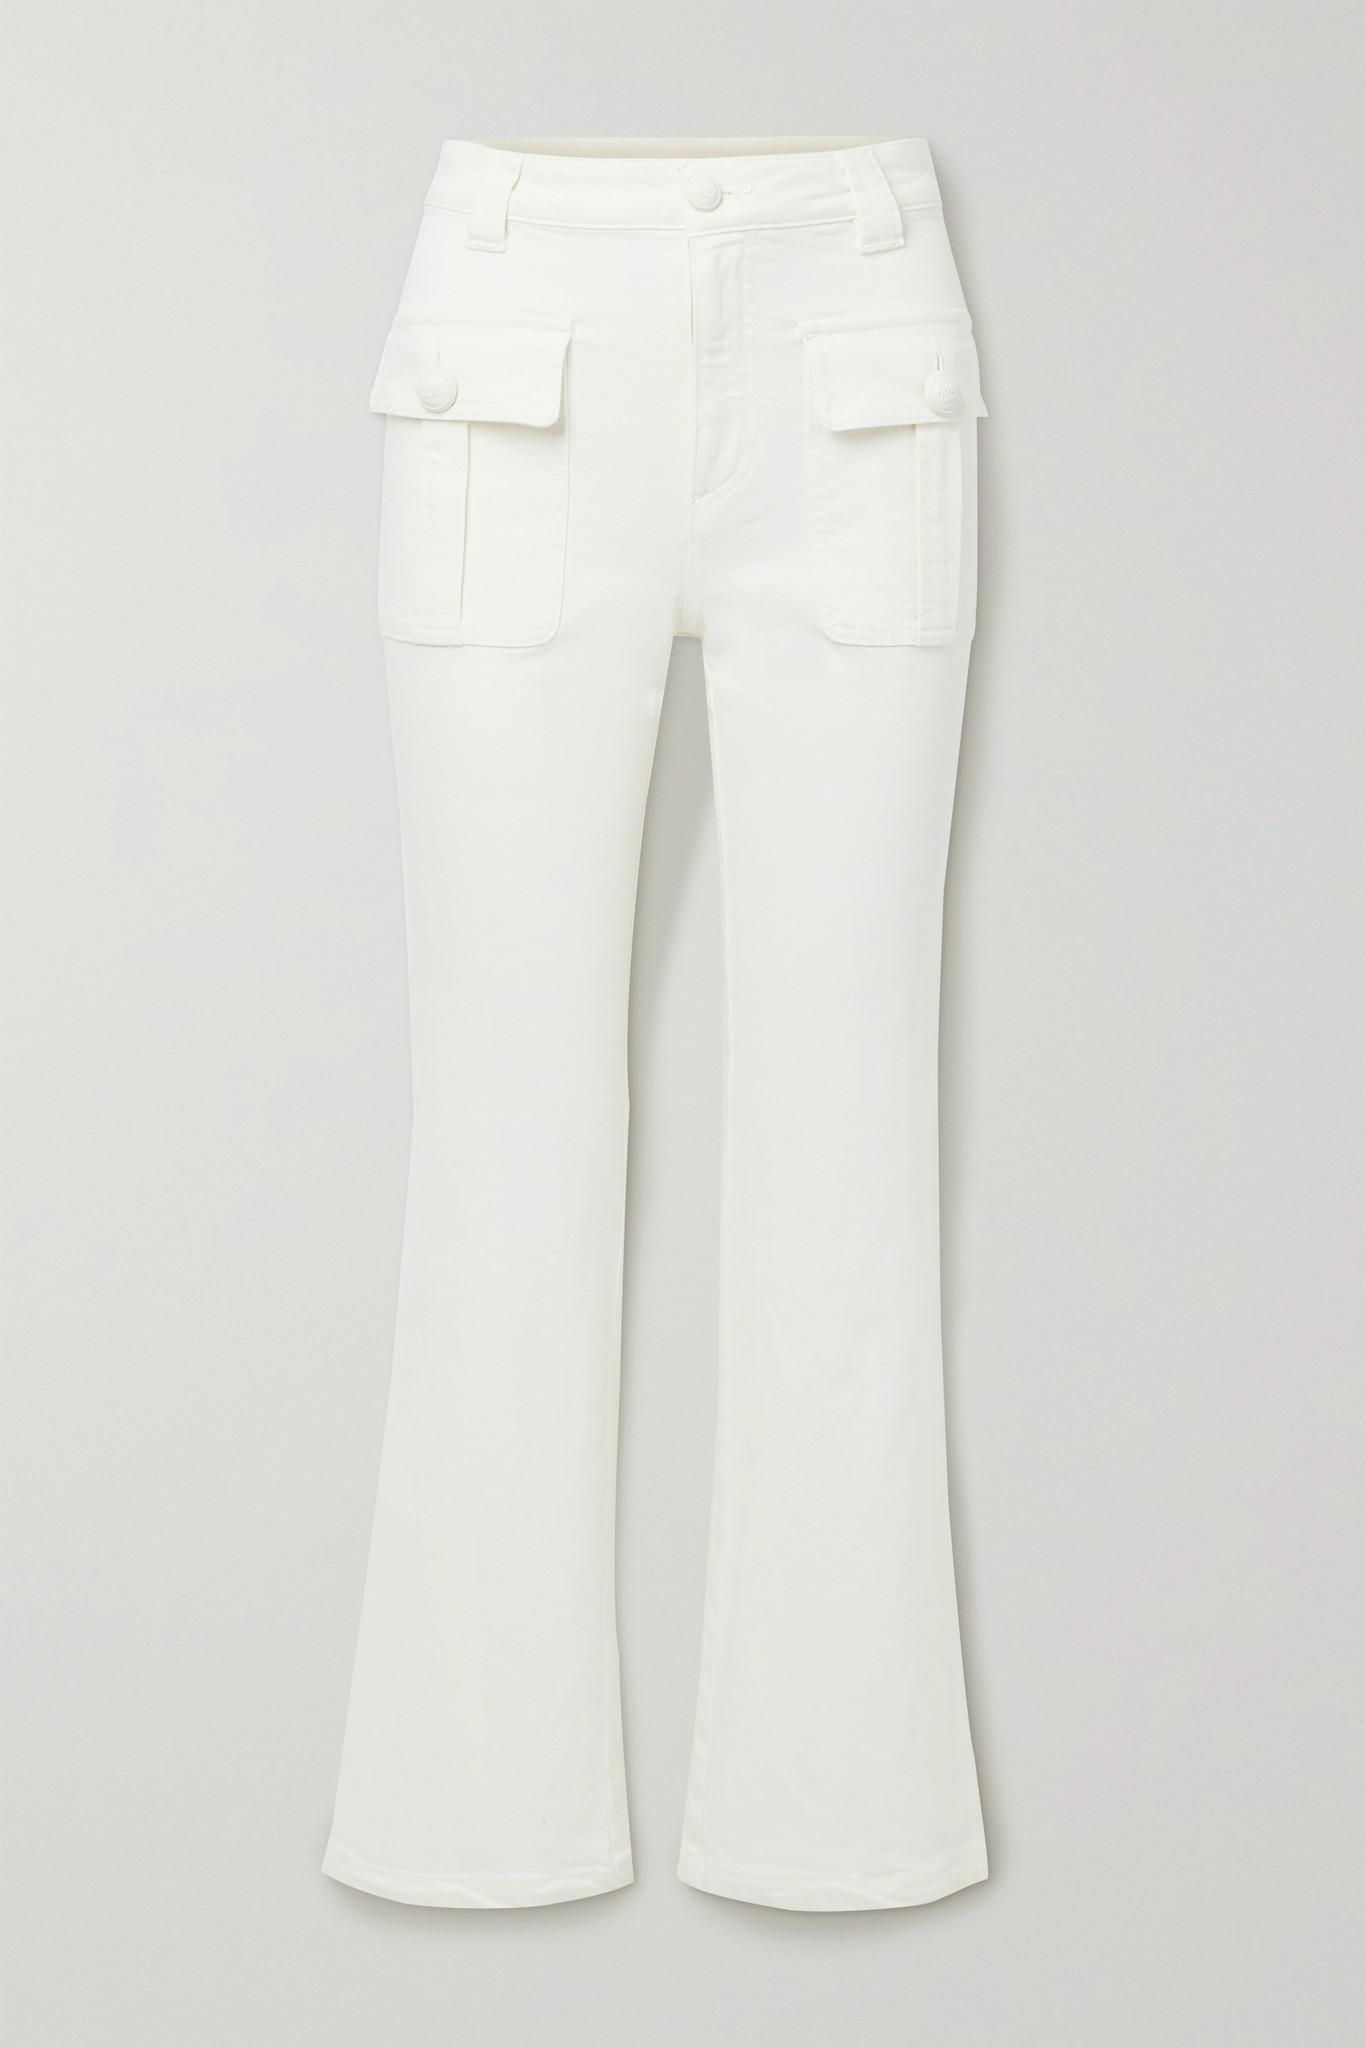 SEE BY CHLOÉ - 高腰喇叭牛仔裤 - 白色 - 28